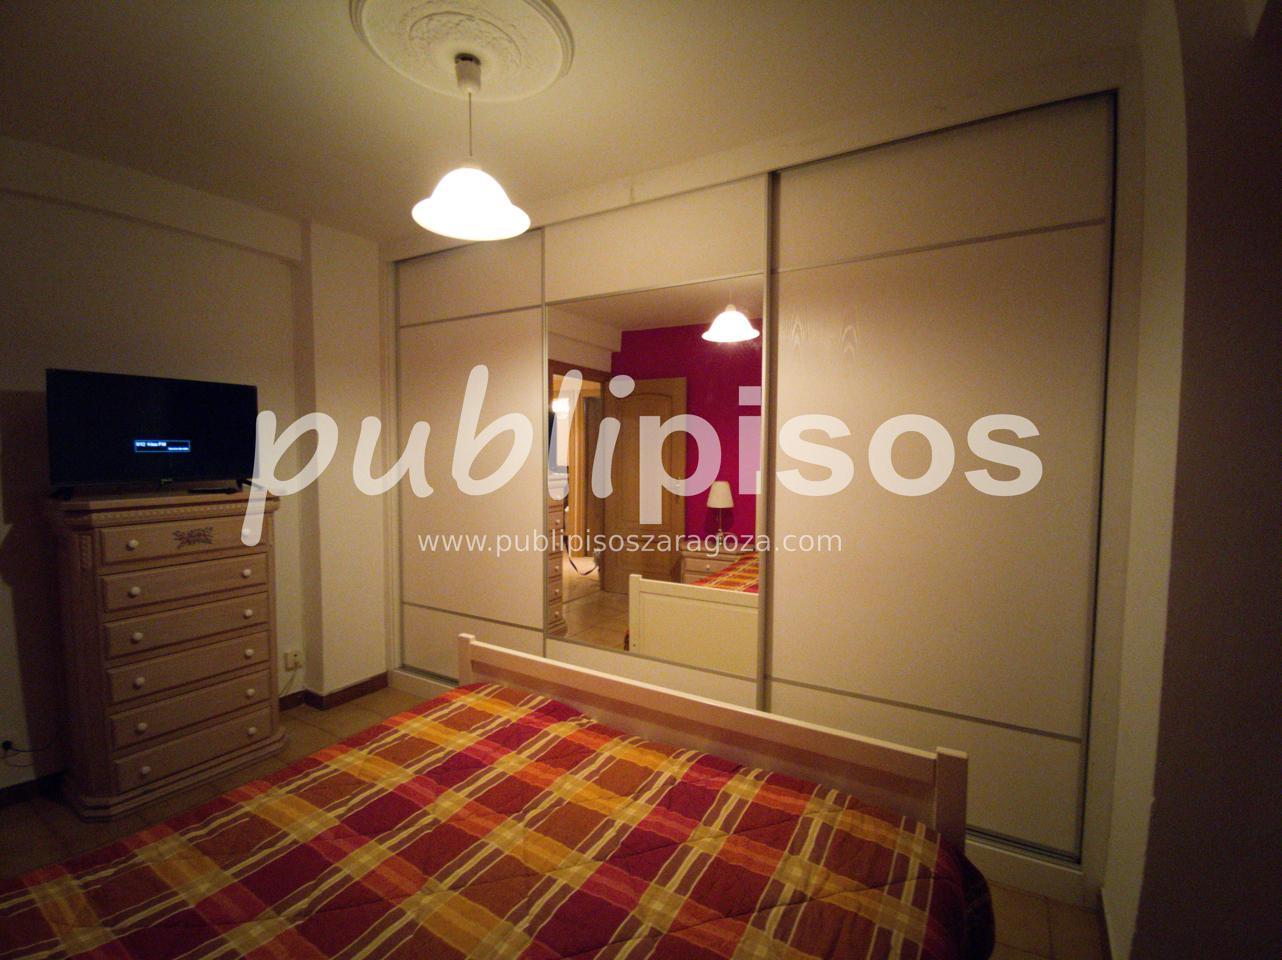 Piso GRANDE de alquiler en Delicias Zaragoza-39